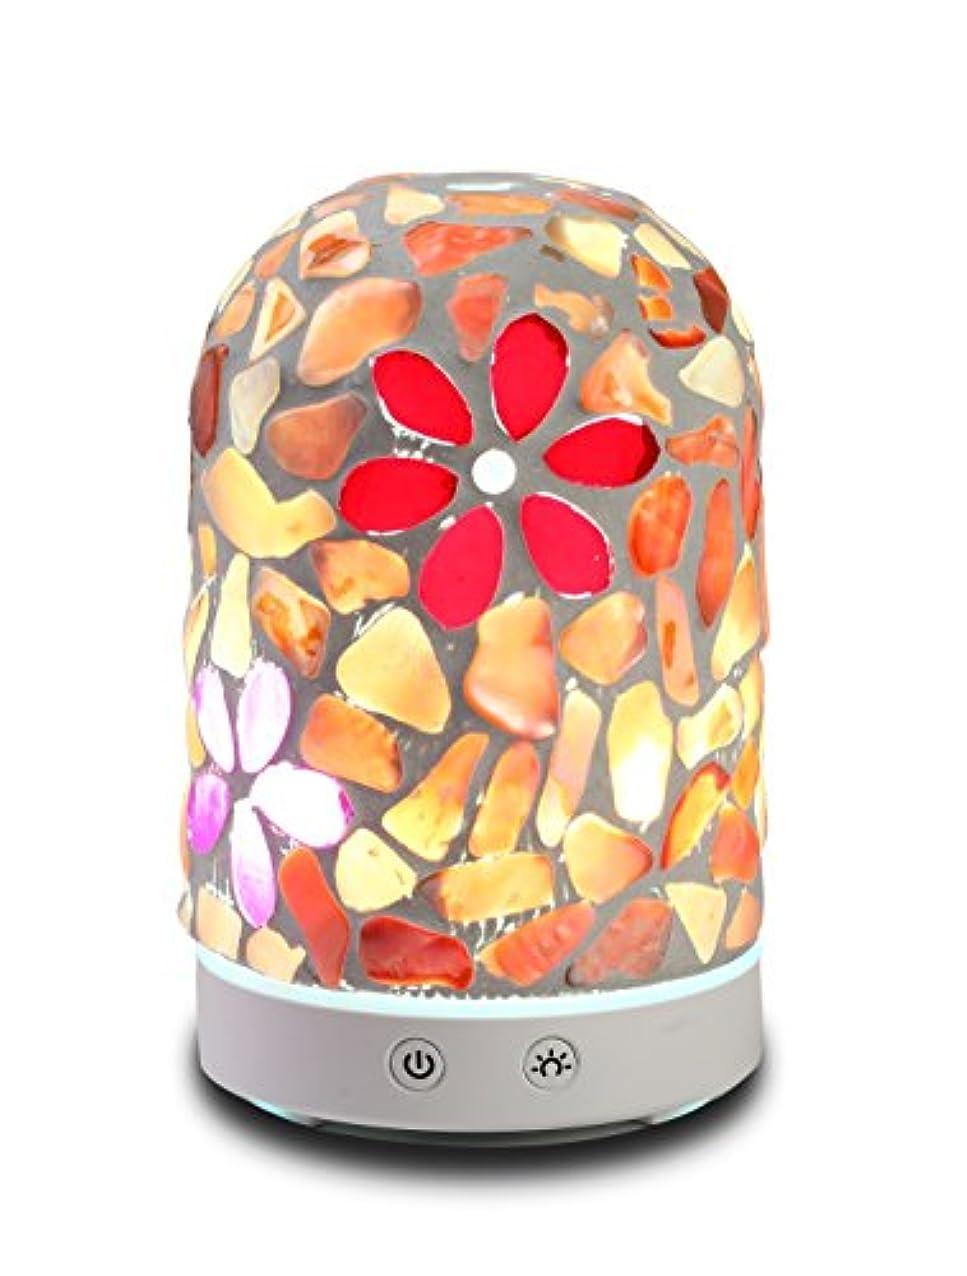 ガードテスト自分の力ですべてをするAAアロマセラピーアロマエッセンシャルオイルディフューザー加湿器120 ml Dreamカラーガラス14-color LEDライトミュート自動ライトChangingアロマセラピーマシン加湿器 Diameter: 9cm;...